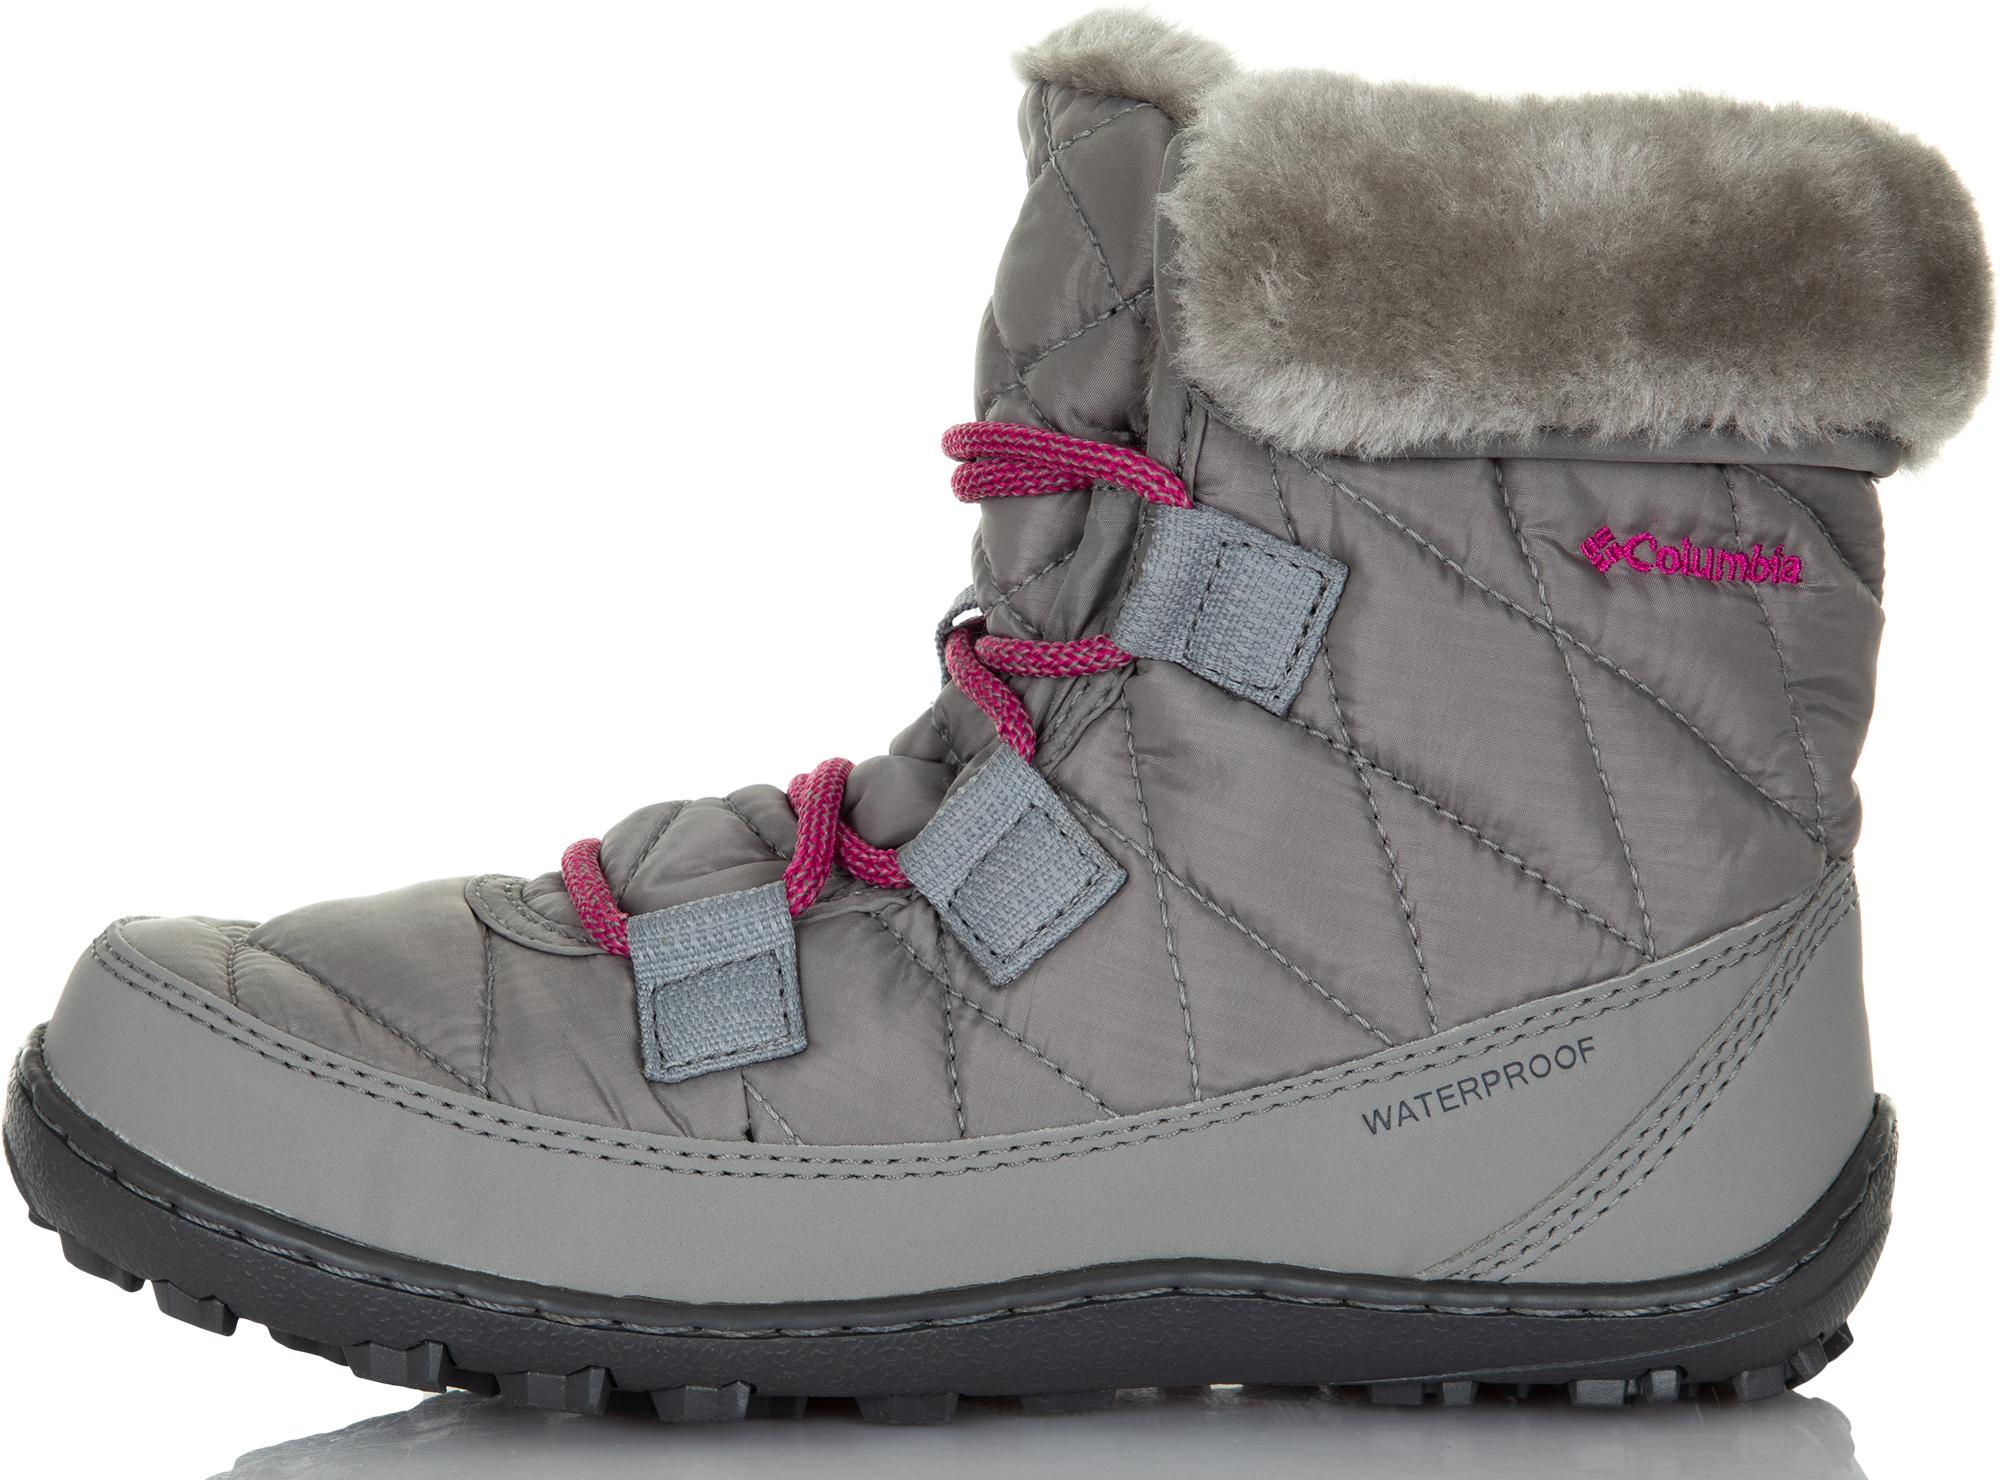 Columbia Ботинки утепленные для девочек Columbia Youth Minx, размер 31.5 недорого